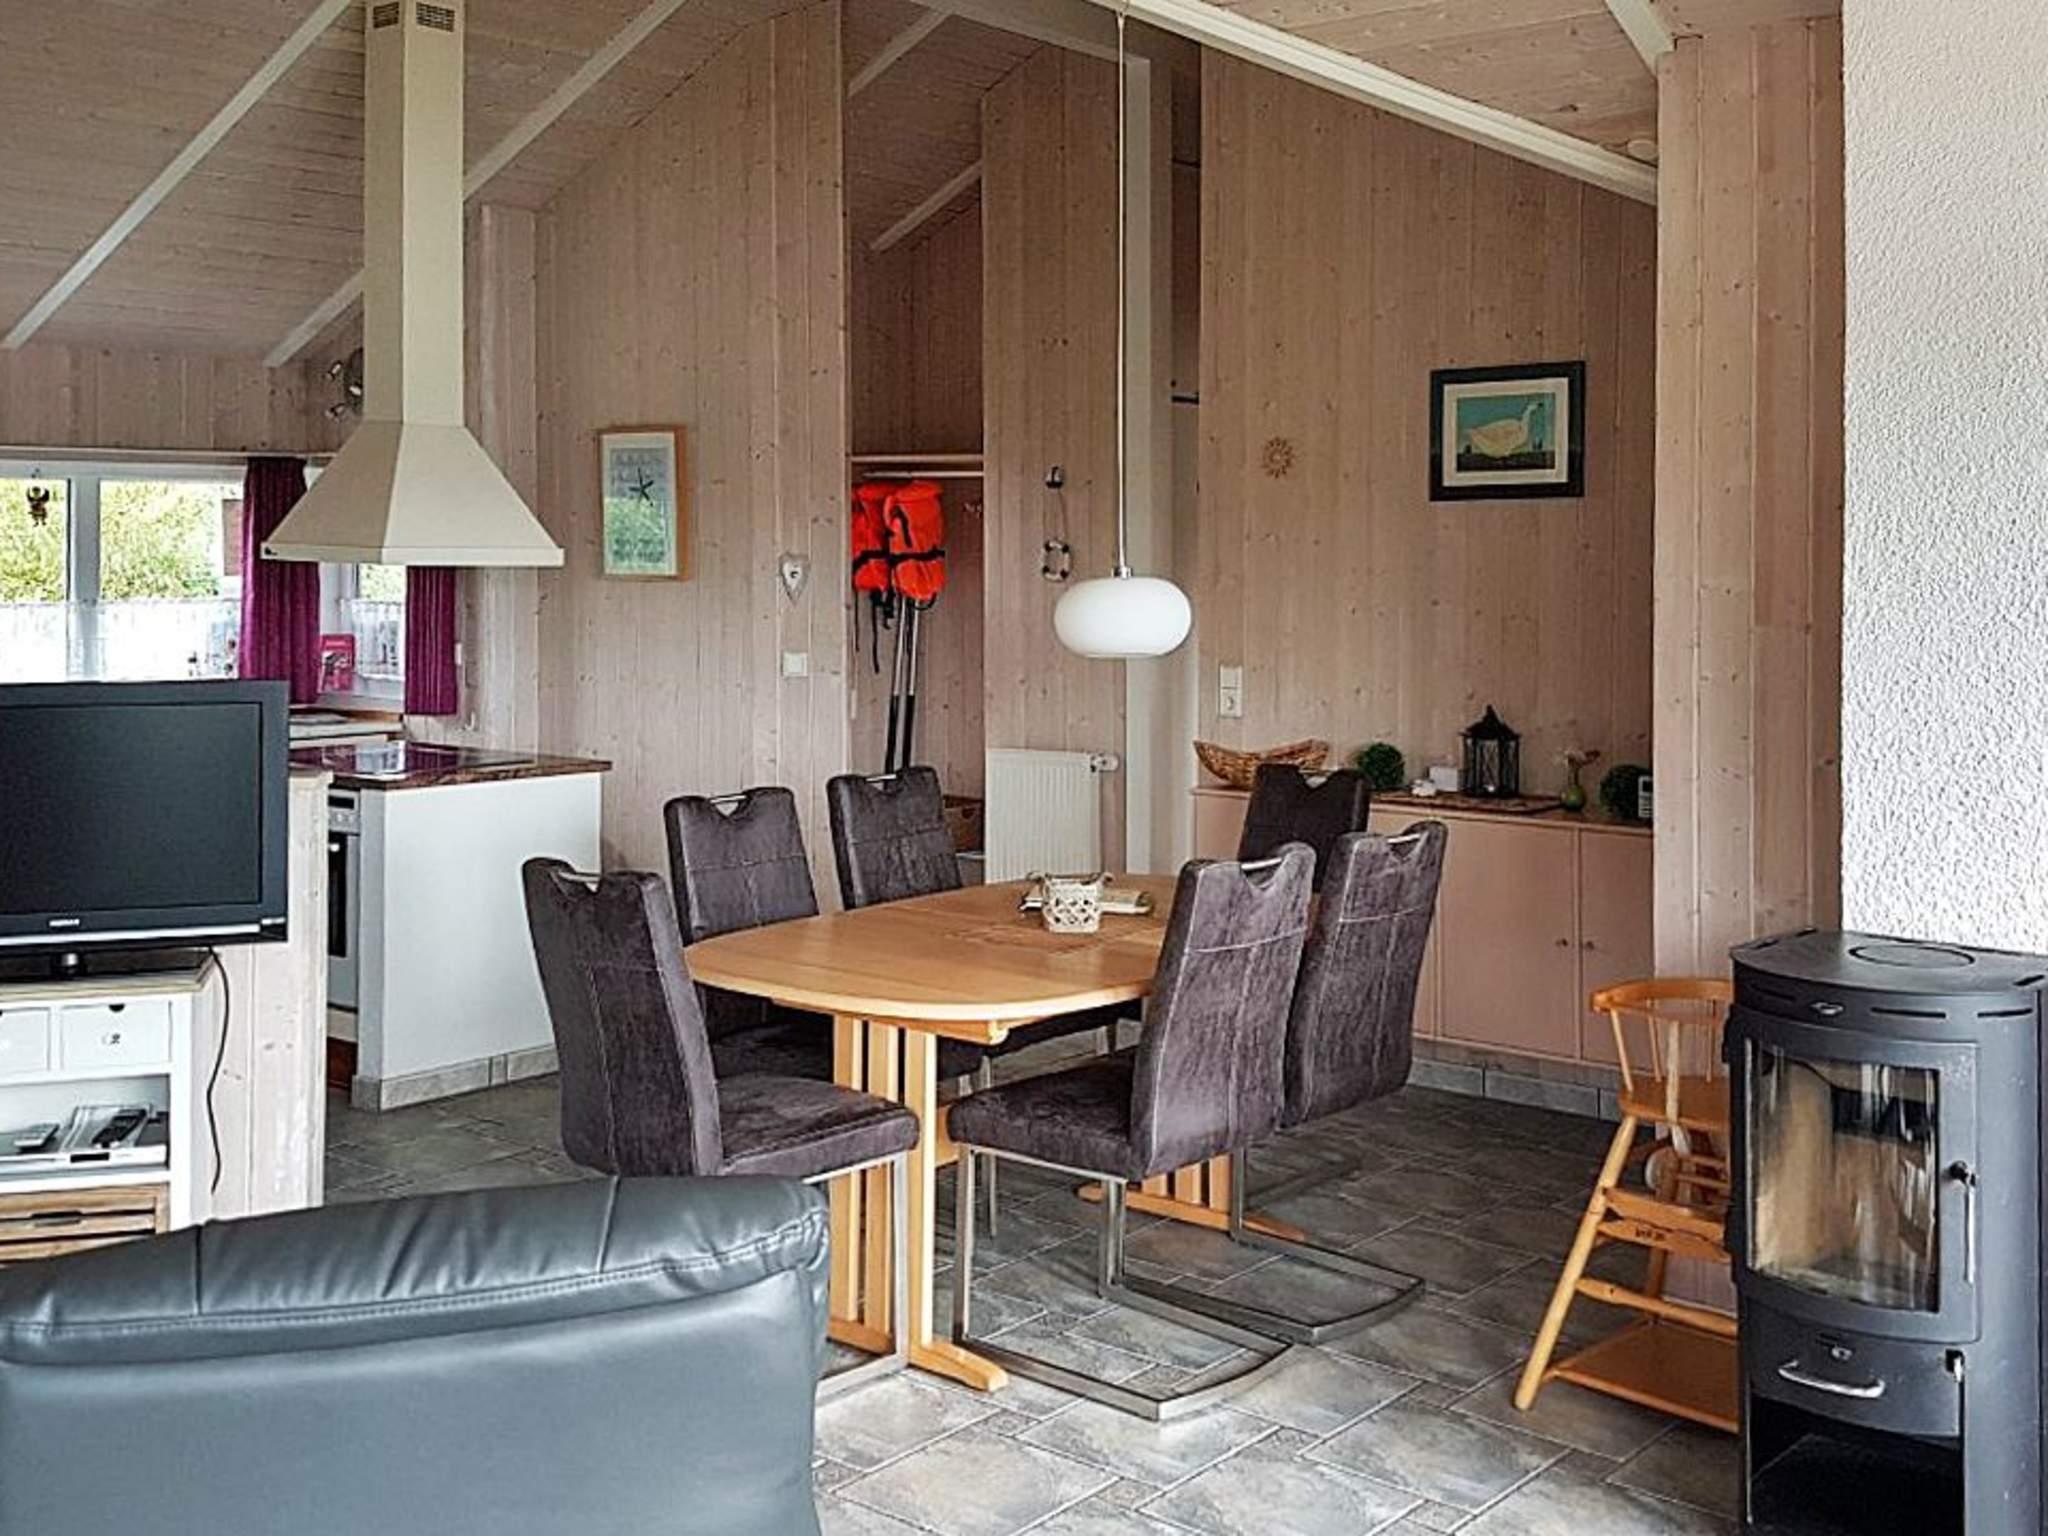 Ferienhaus Otterndorf (86195), Otterndorf, Cuxhaven, Niedersachsen, Deutschland, Bild 4